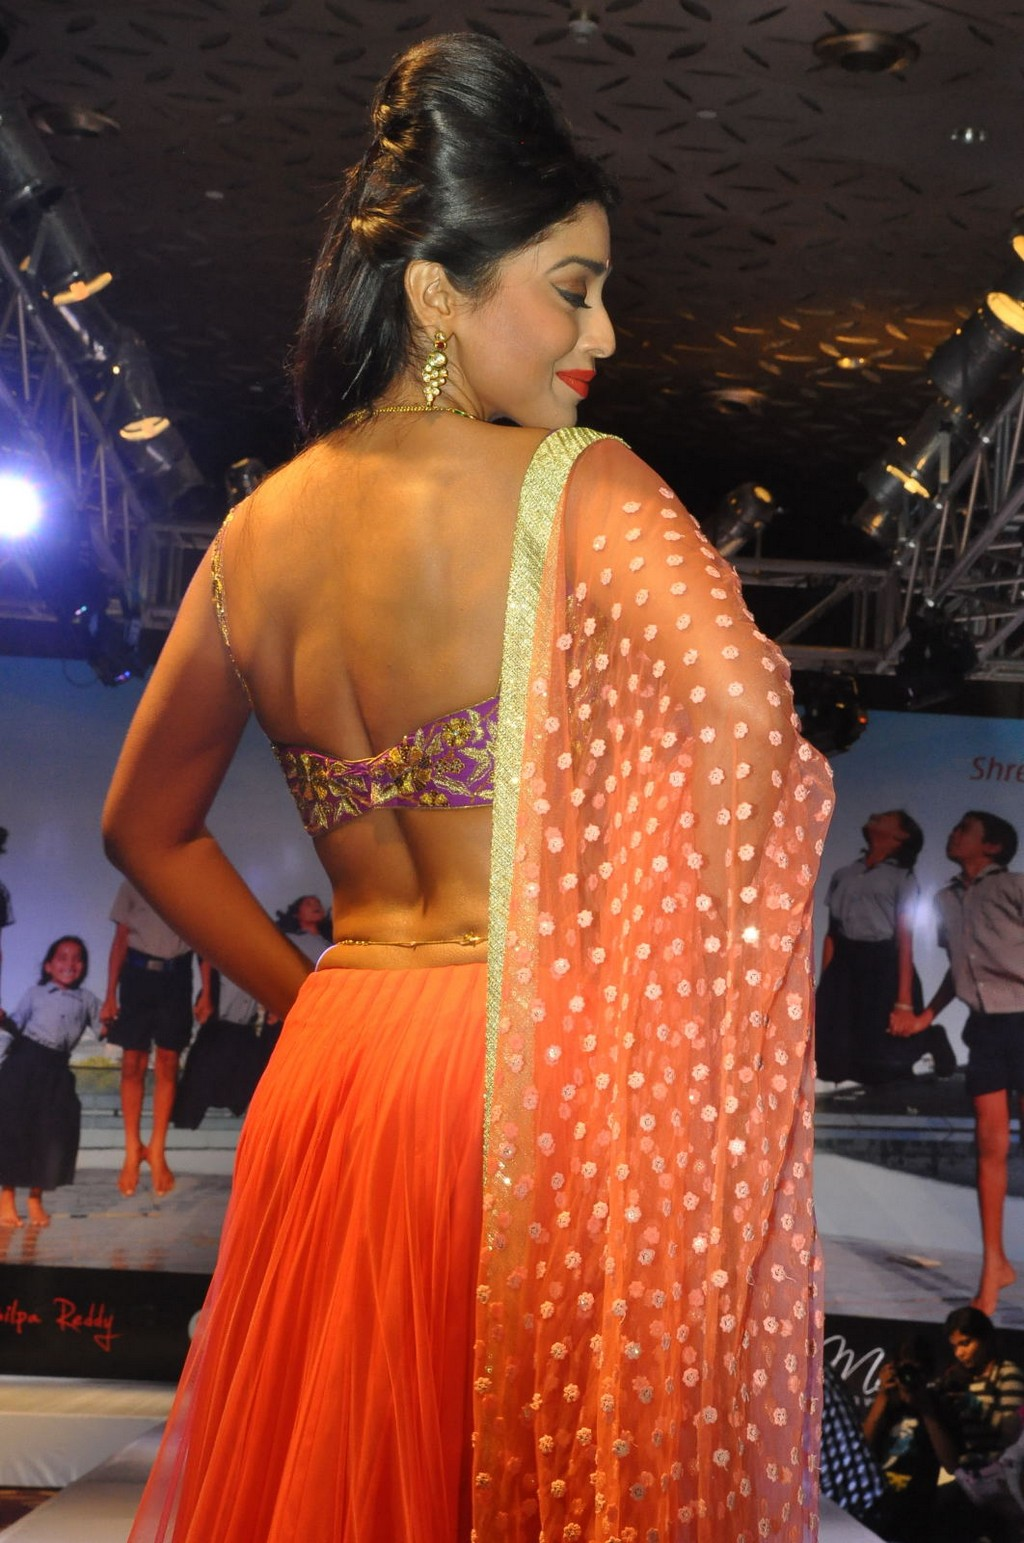 Shriya saran choli dress backless